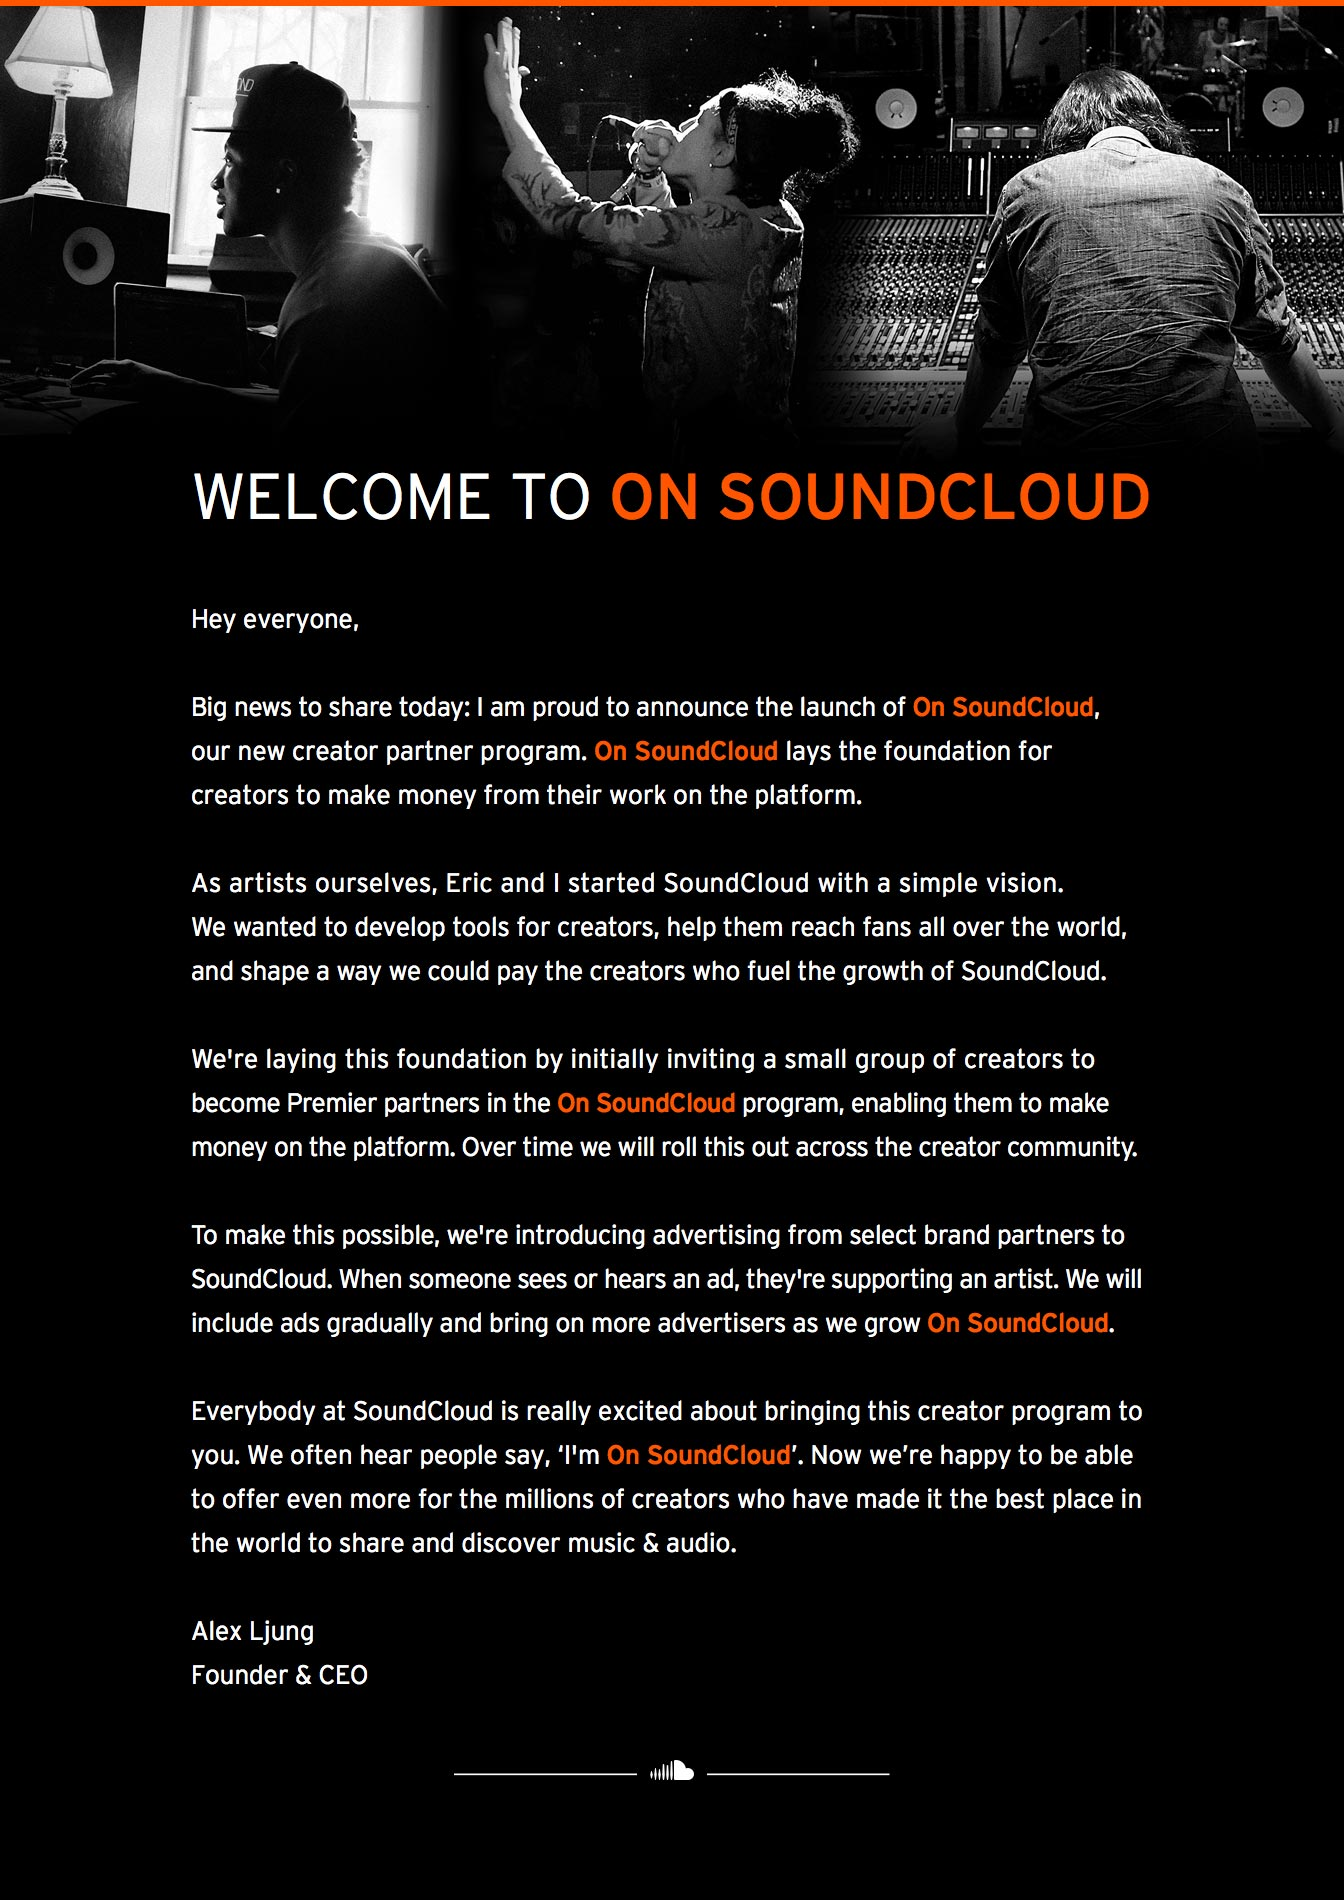 soundcloud-comecara-a-ter-anuncios-para-monetizar-criadores-de-conteudo